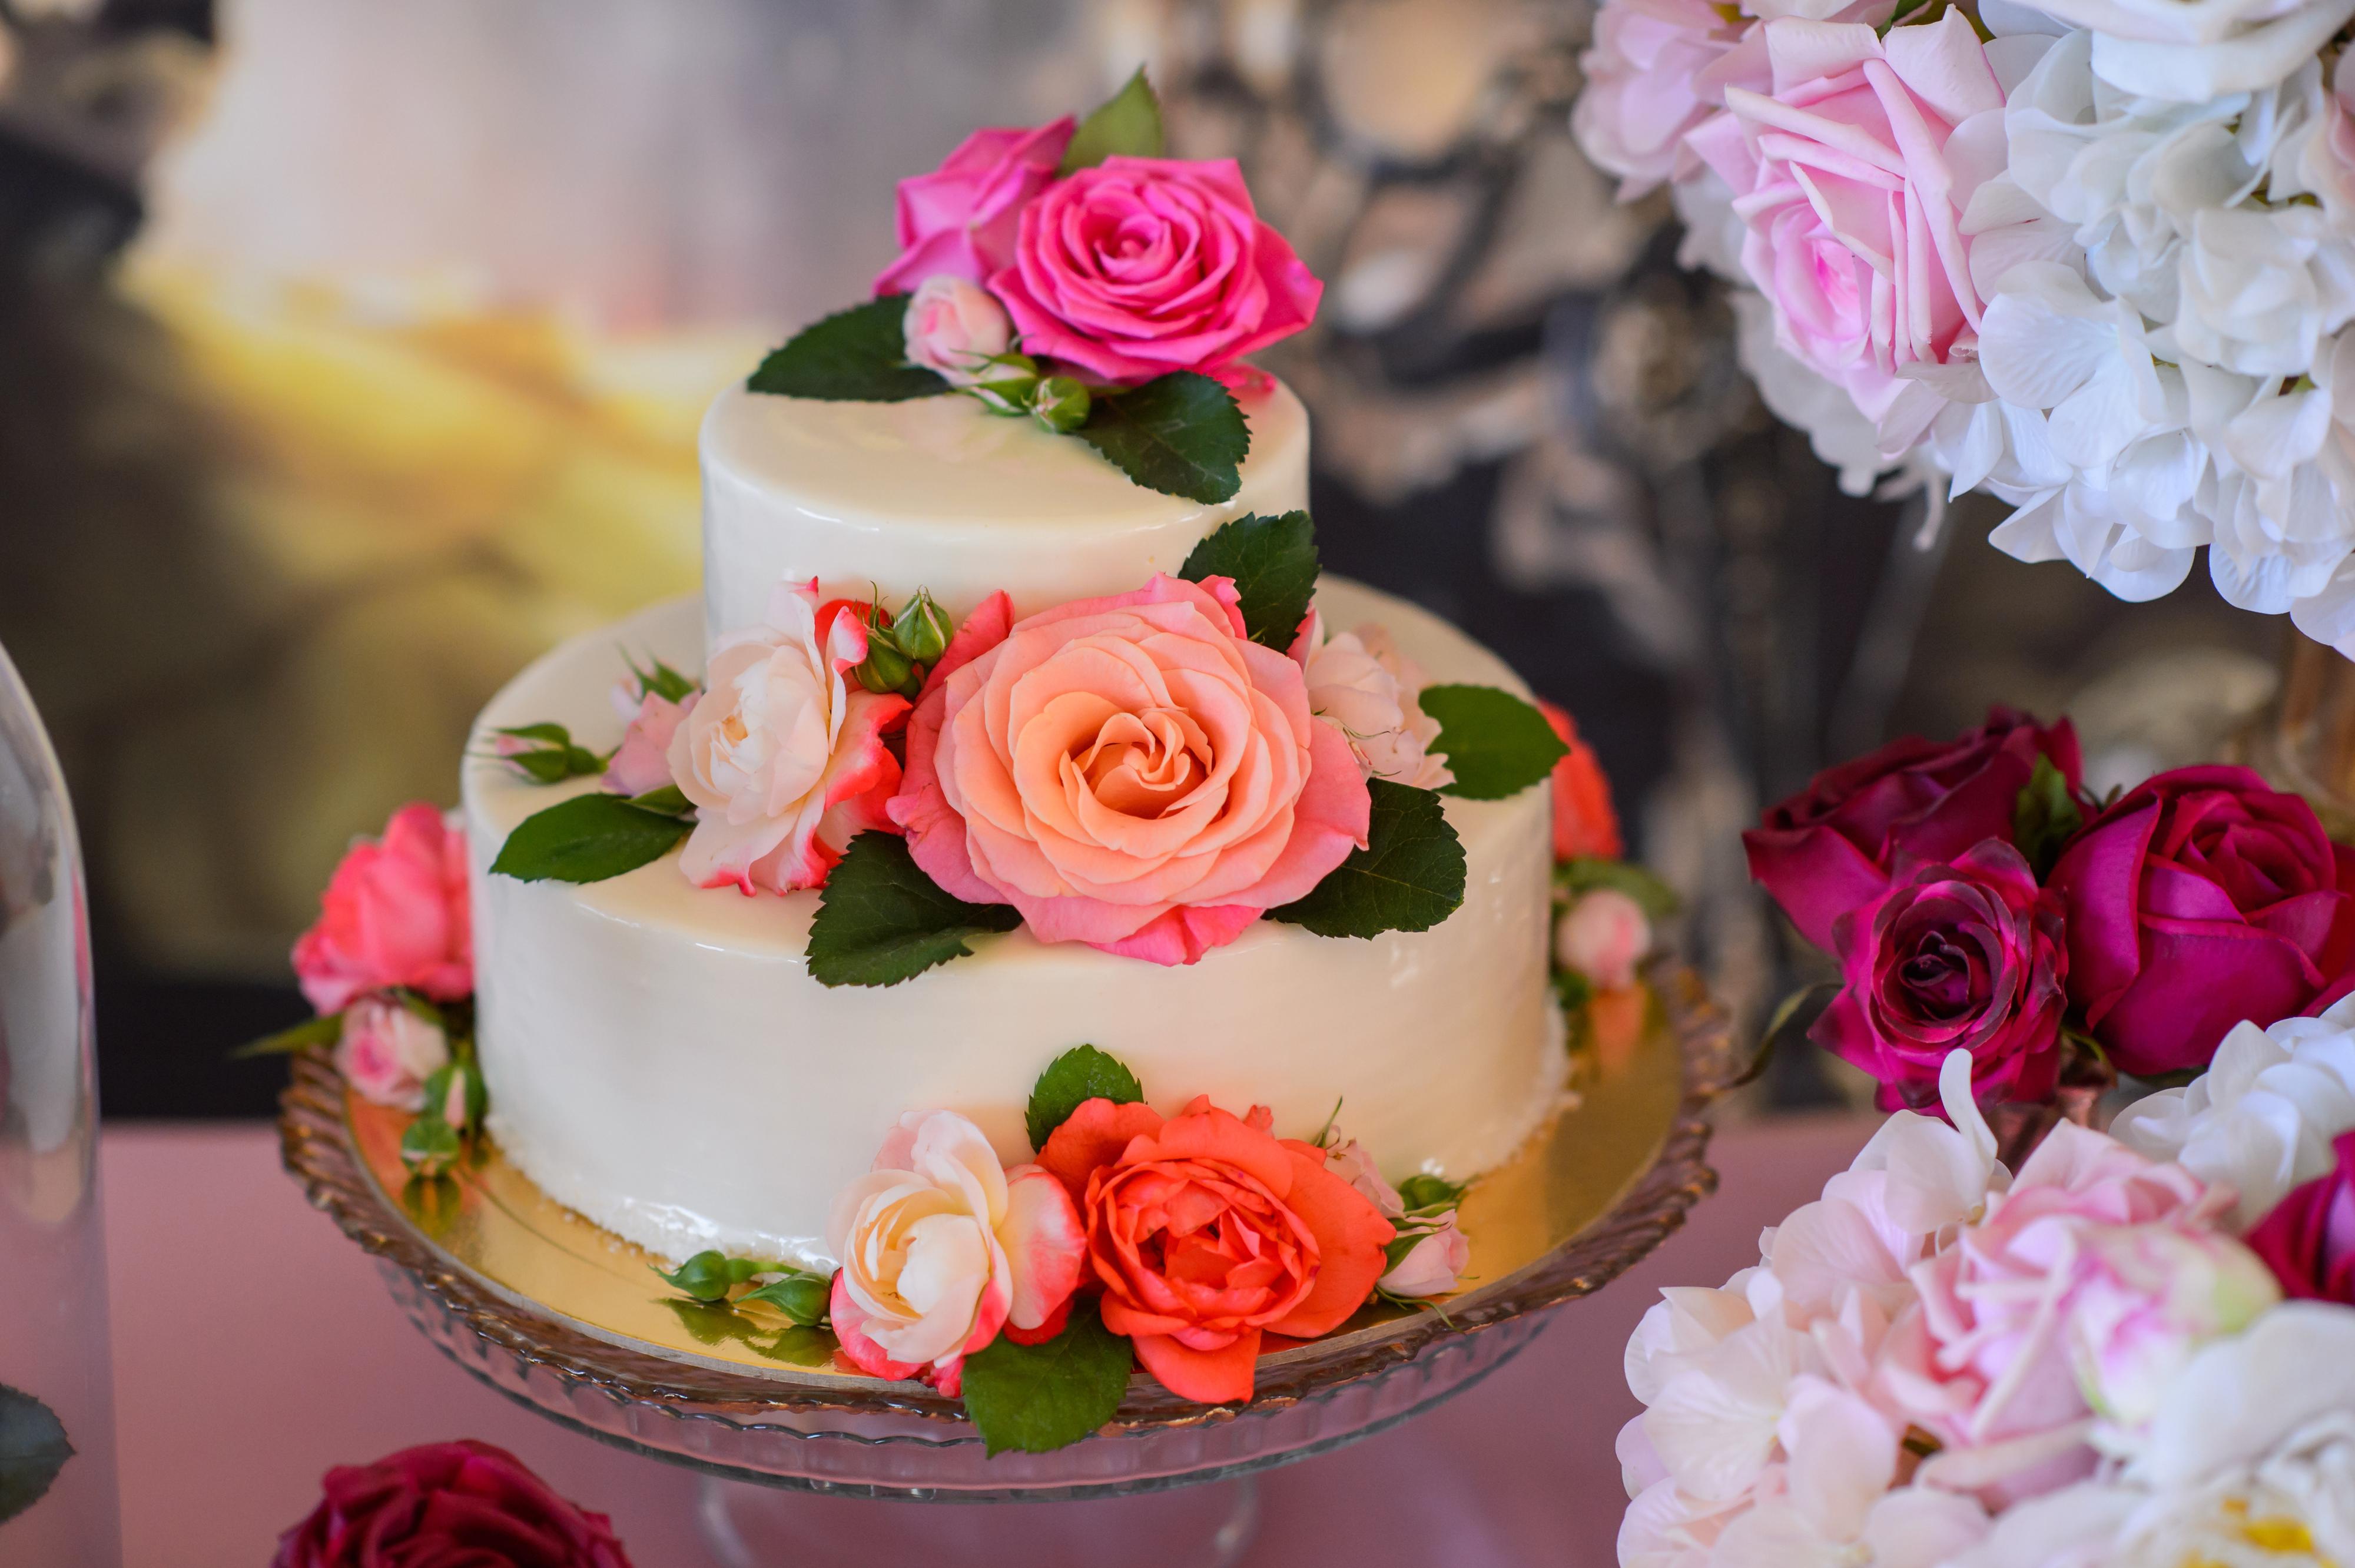 все цветочный торт картинки потренироваться